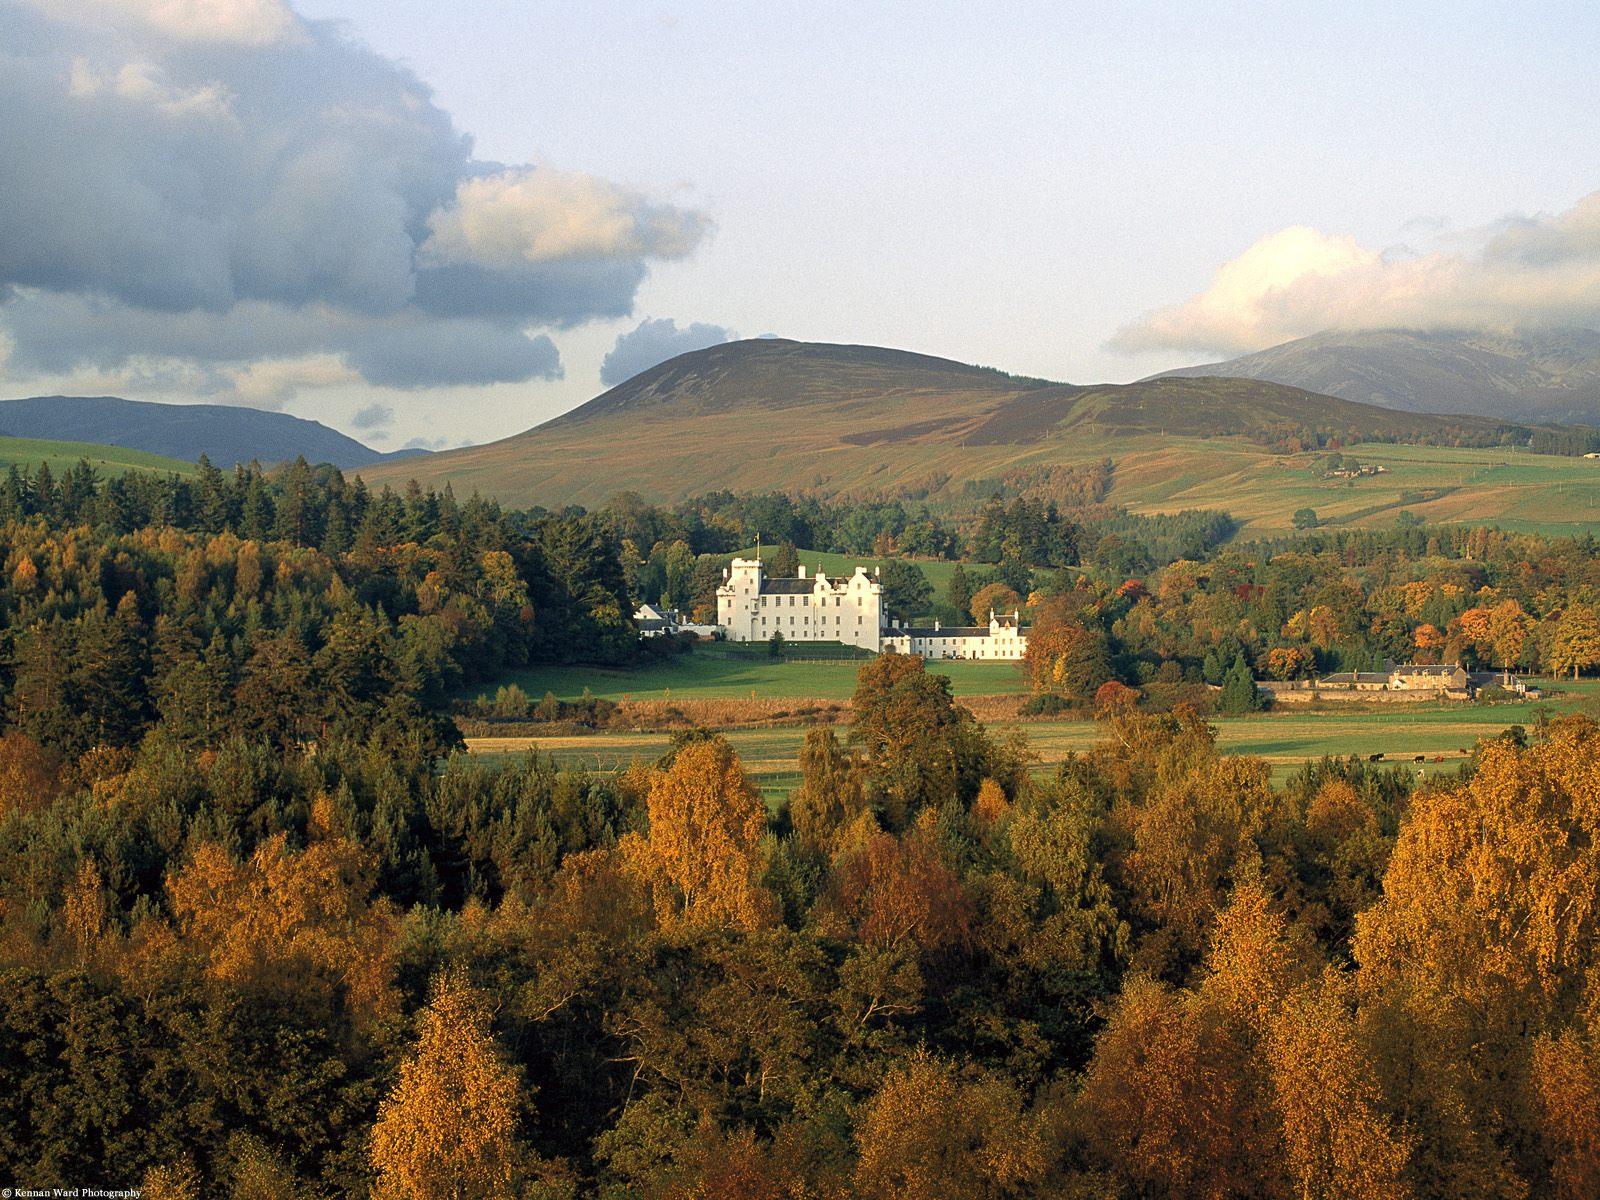 http://4.bp.blogspot.com/-4ryrfPIru0U/TsTzDhKF59I/AAAAAAAABoI/u-H-g_wy1y4/s1600/Montross_Scotland.jpg